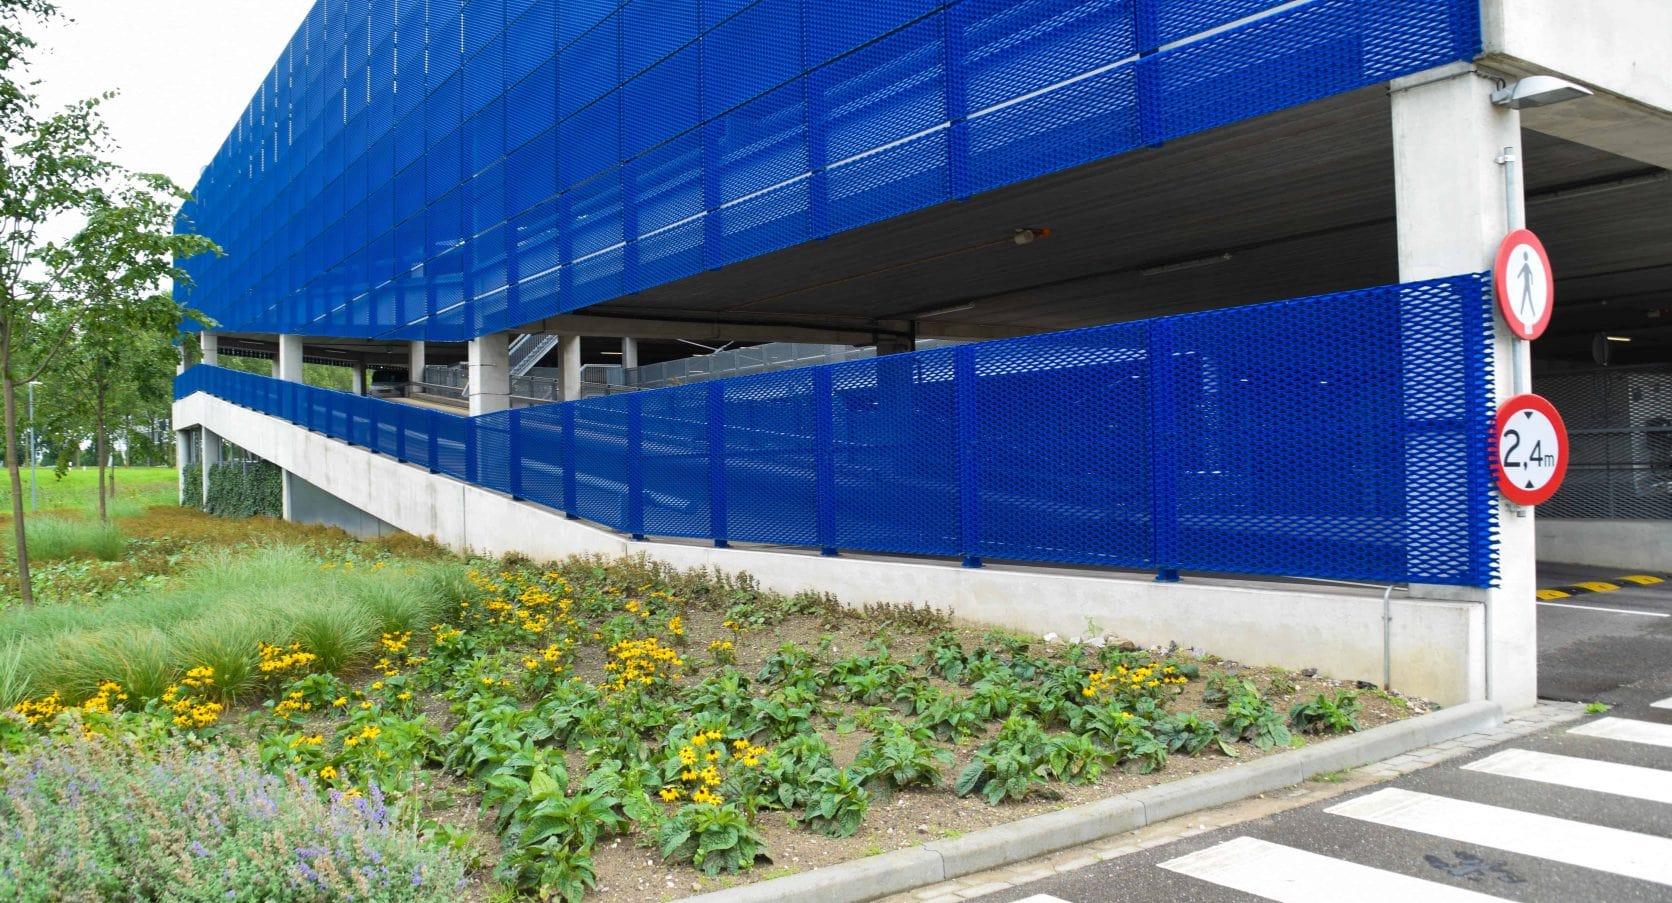 Detail van de Strekmetaal gevelpanelen van de Parkeergarage van de Ikea in Duiven